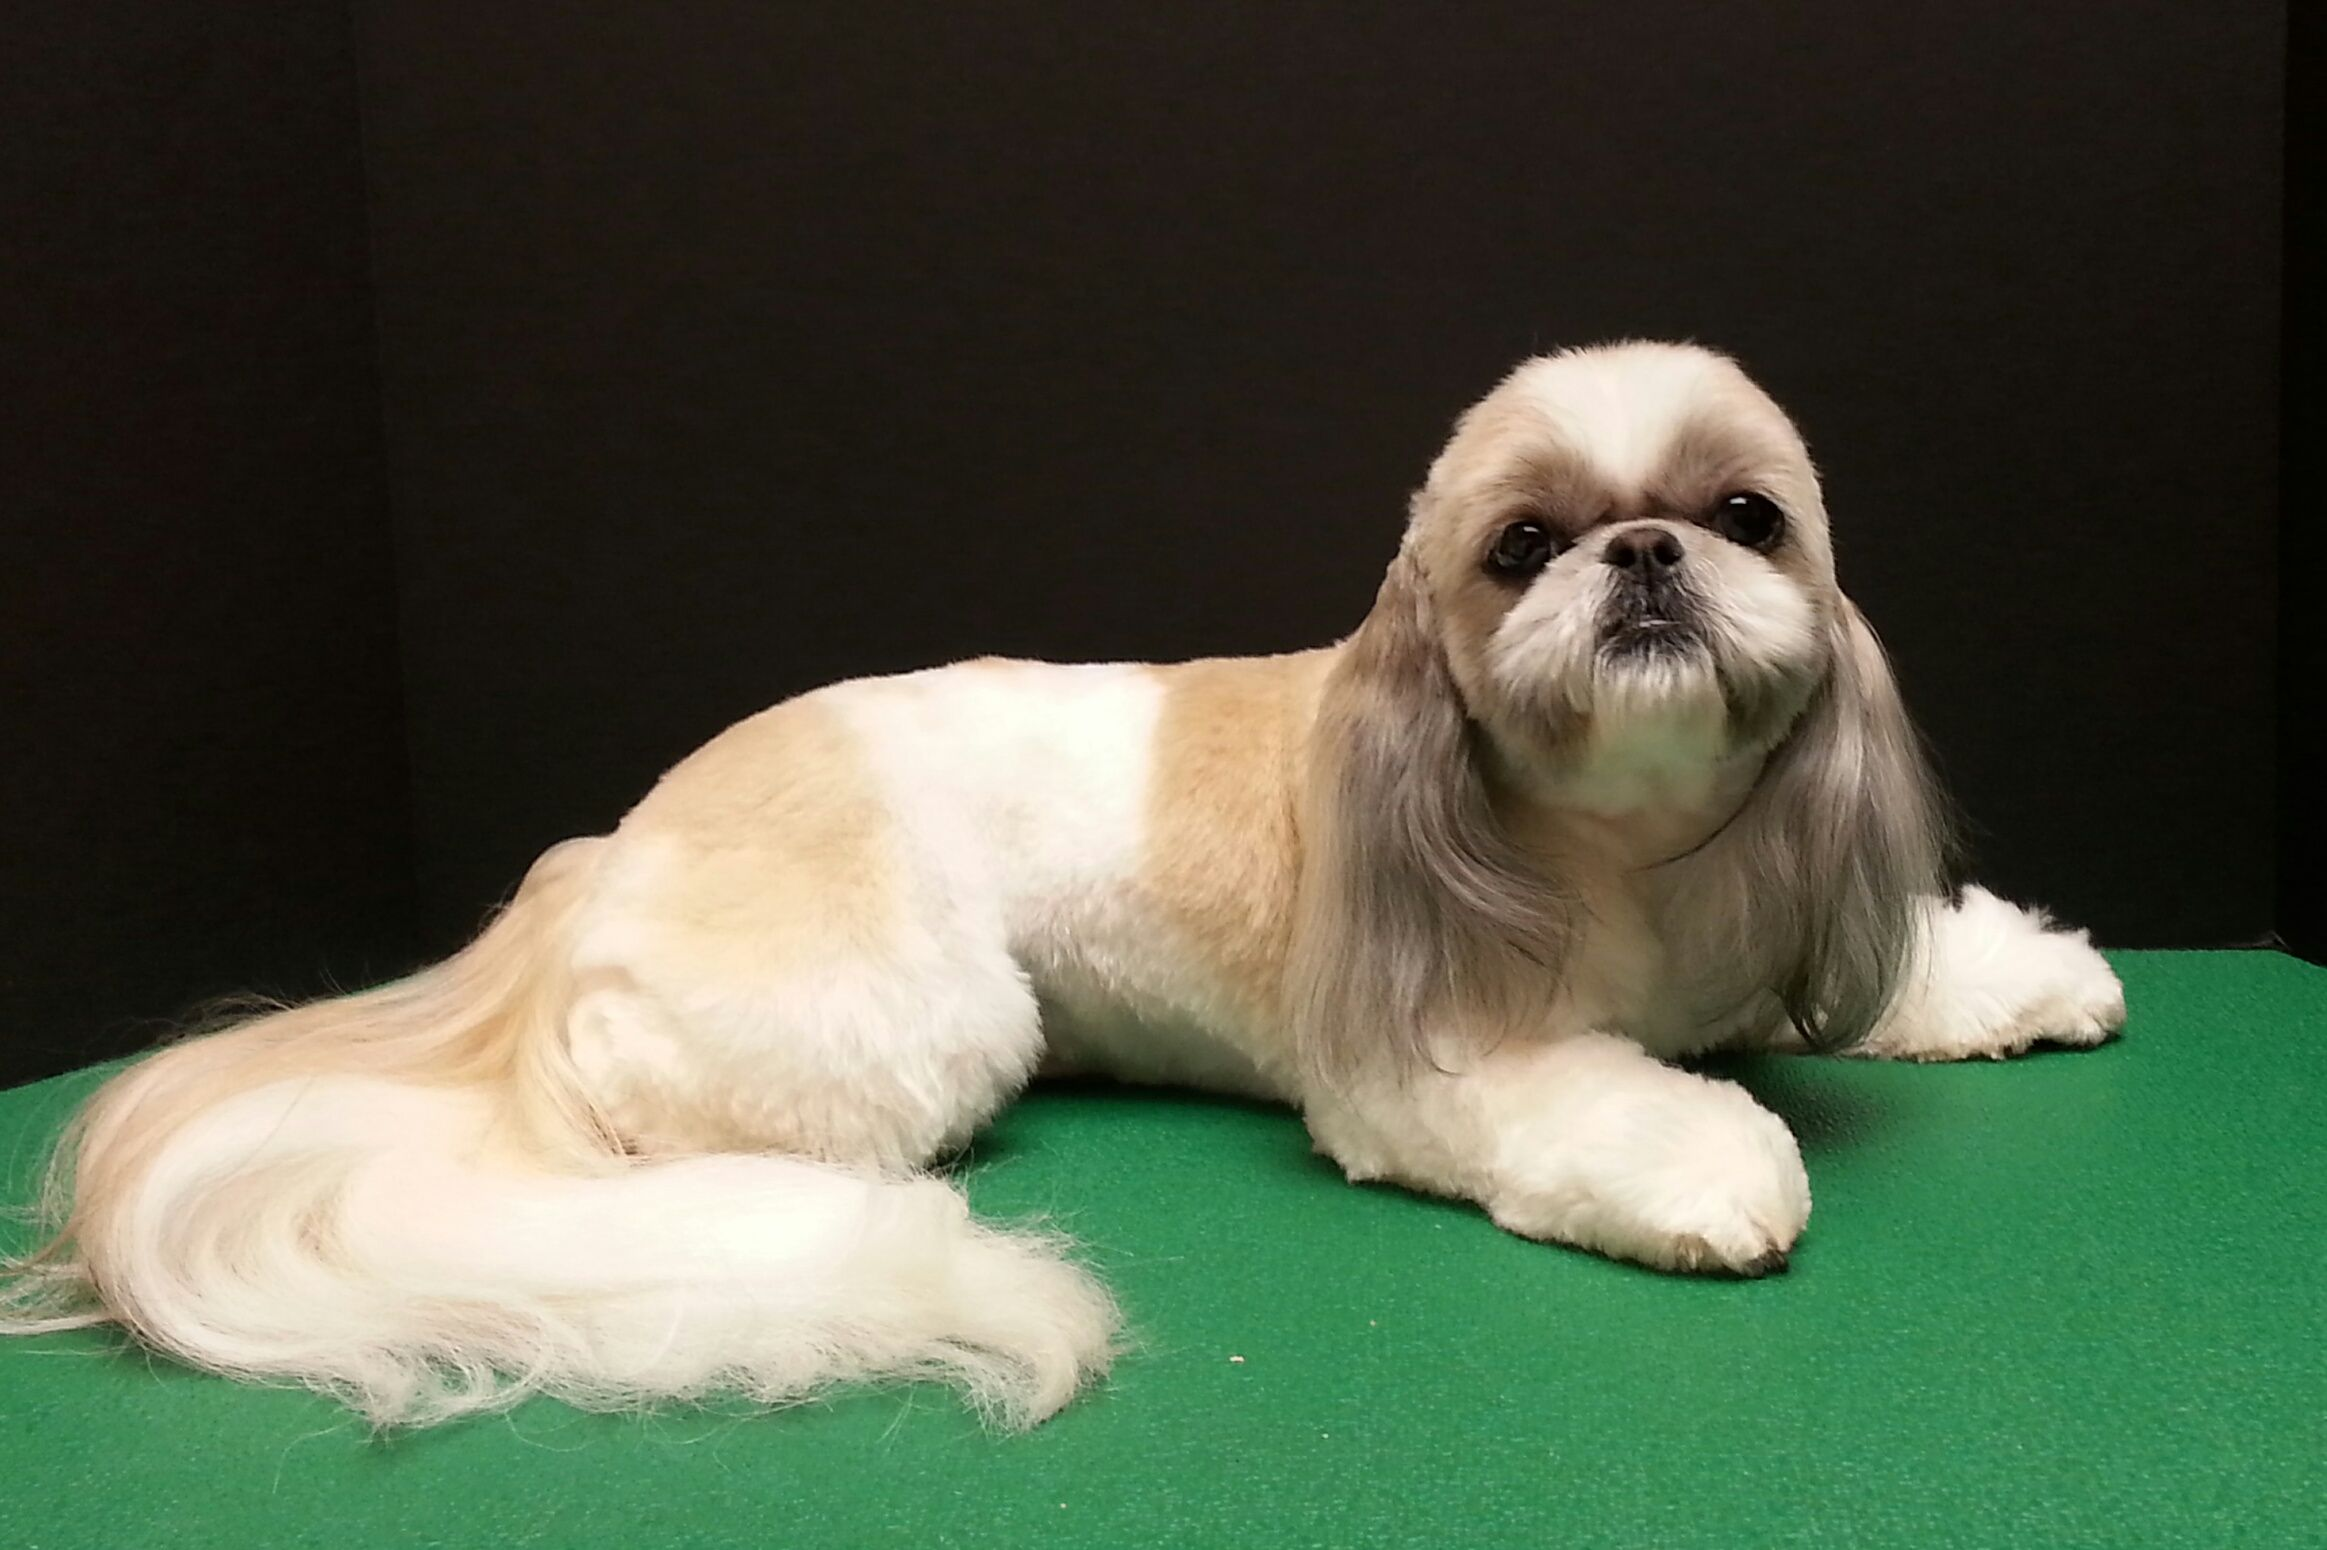 Shih tzu, shih tzu haircut, dog grooming | Dog grooming by